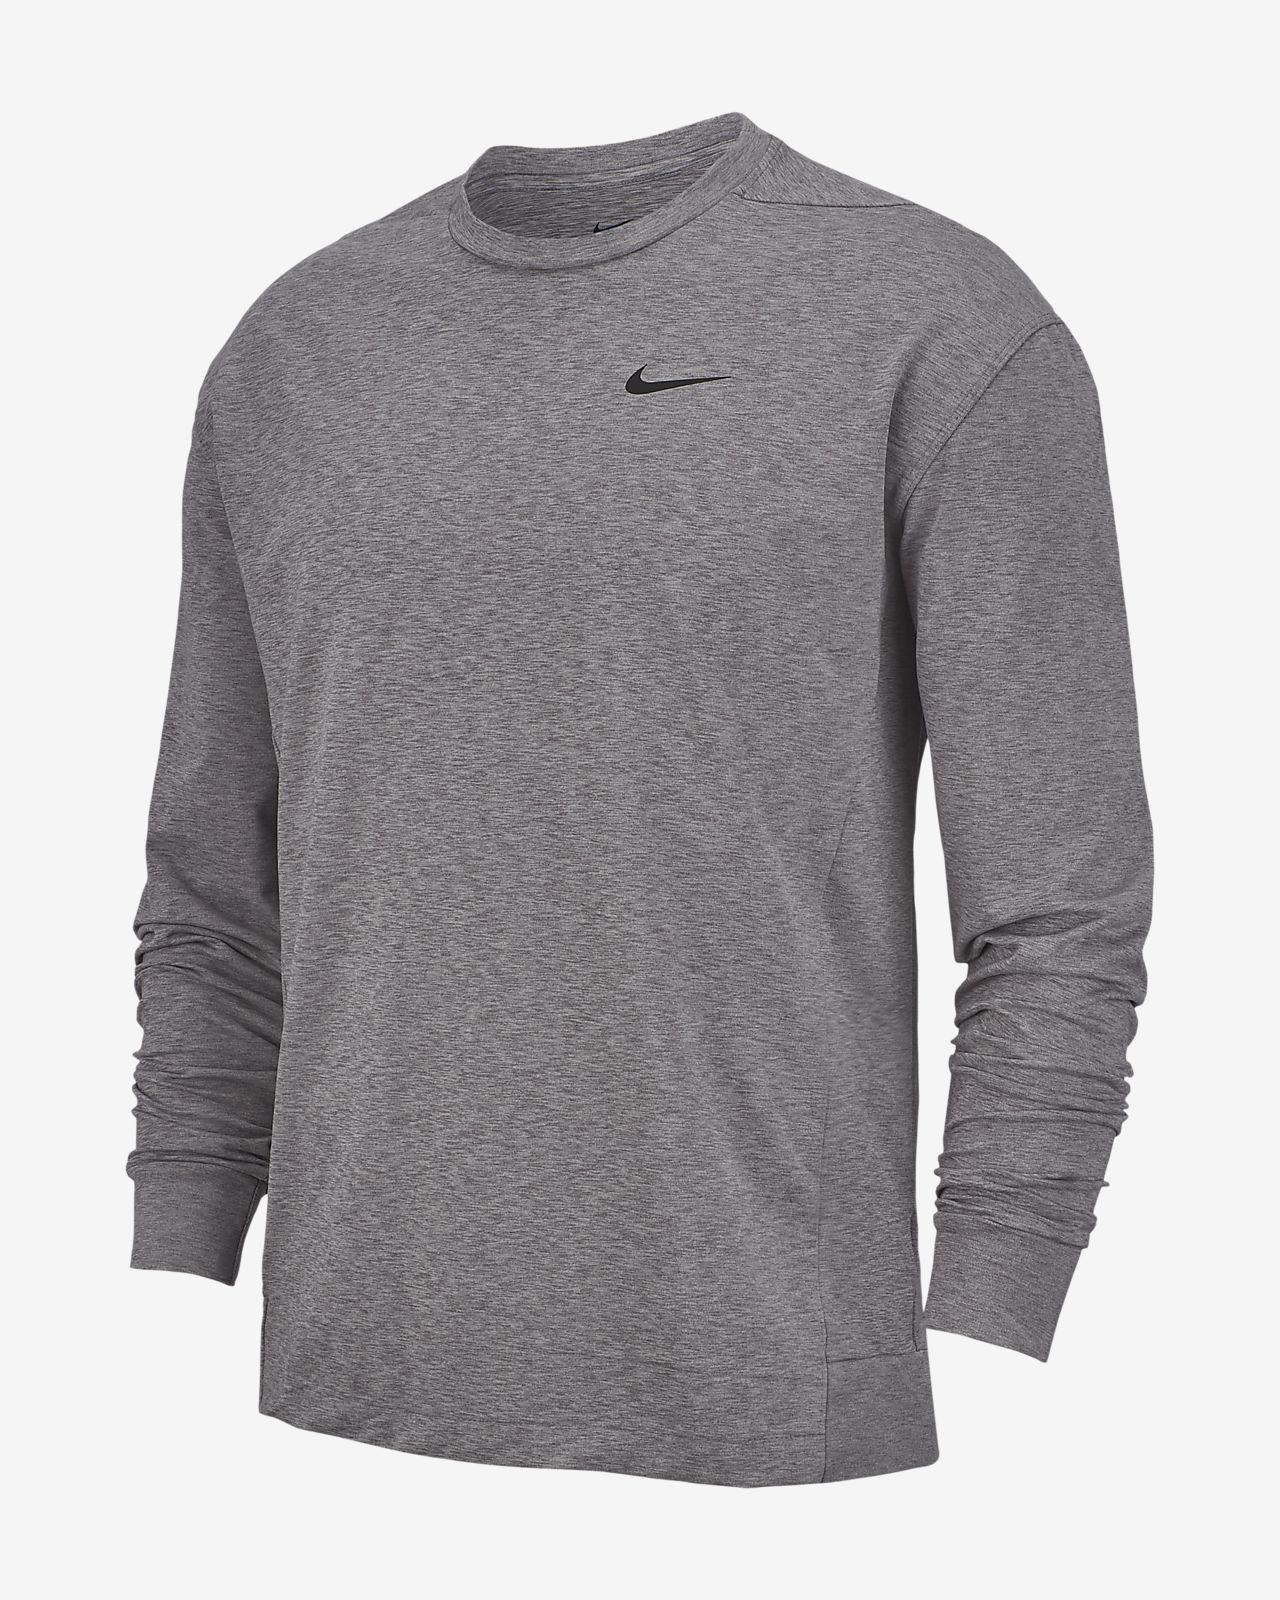 Nike Dri FIT Langarm Yoga Trainingsoberteil für Herren